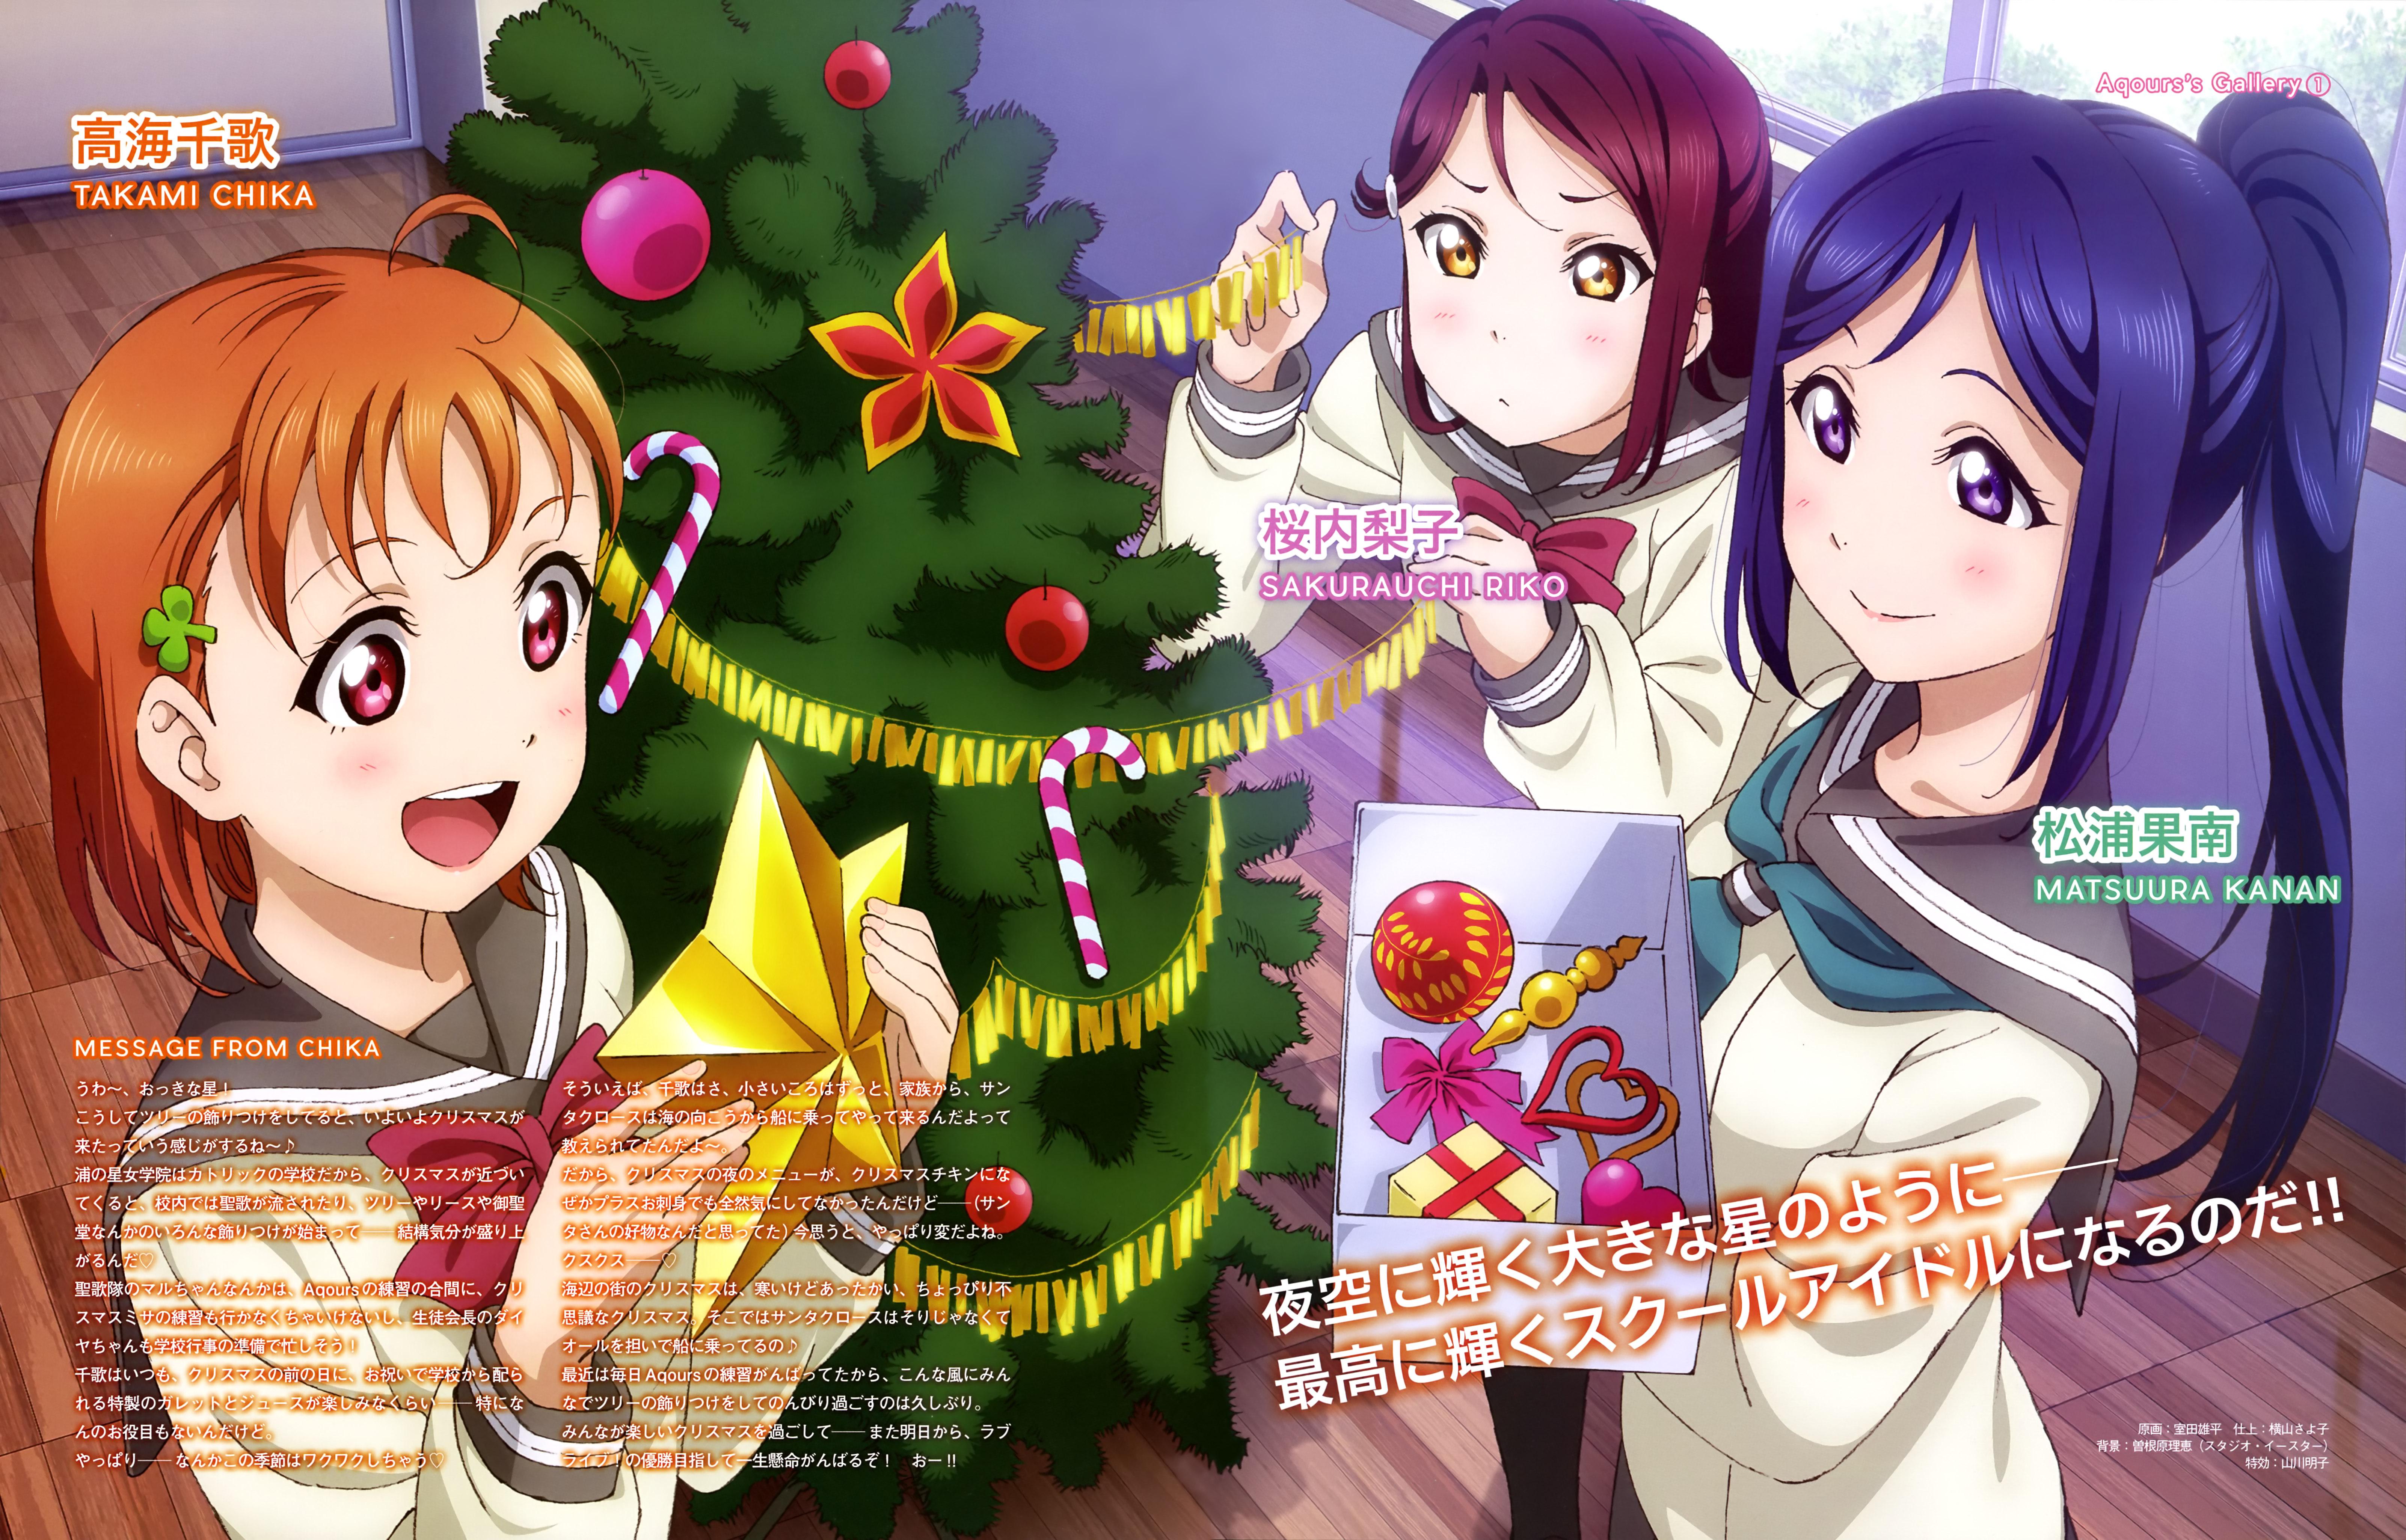 Love Live! Sunshine!! Christmas scan from Dengeki G's January 2016 issue